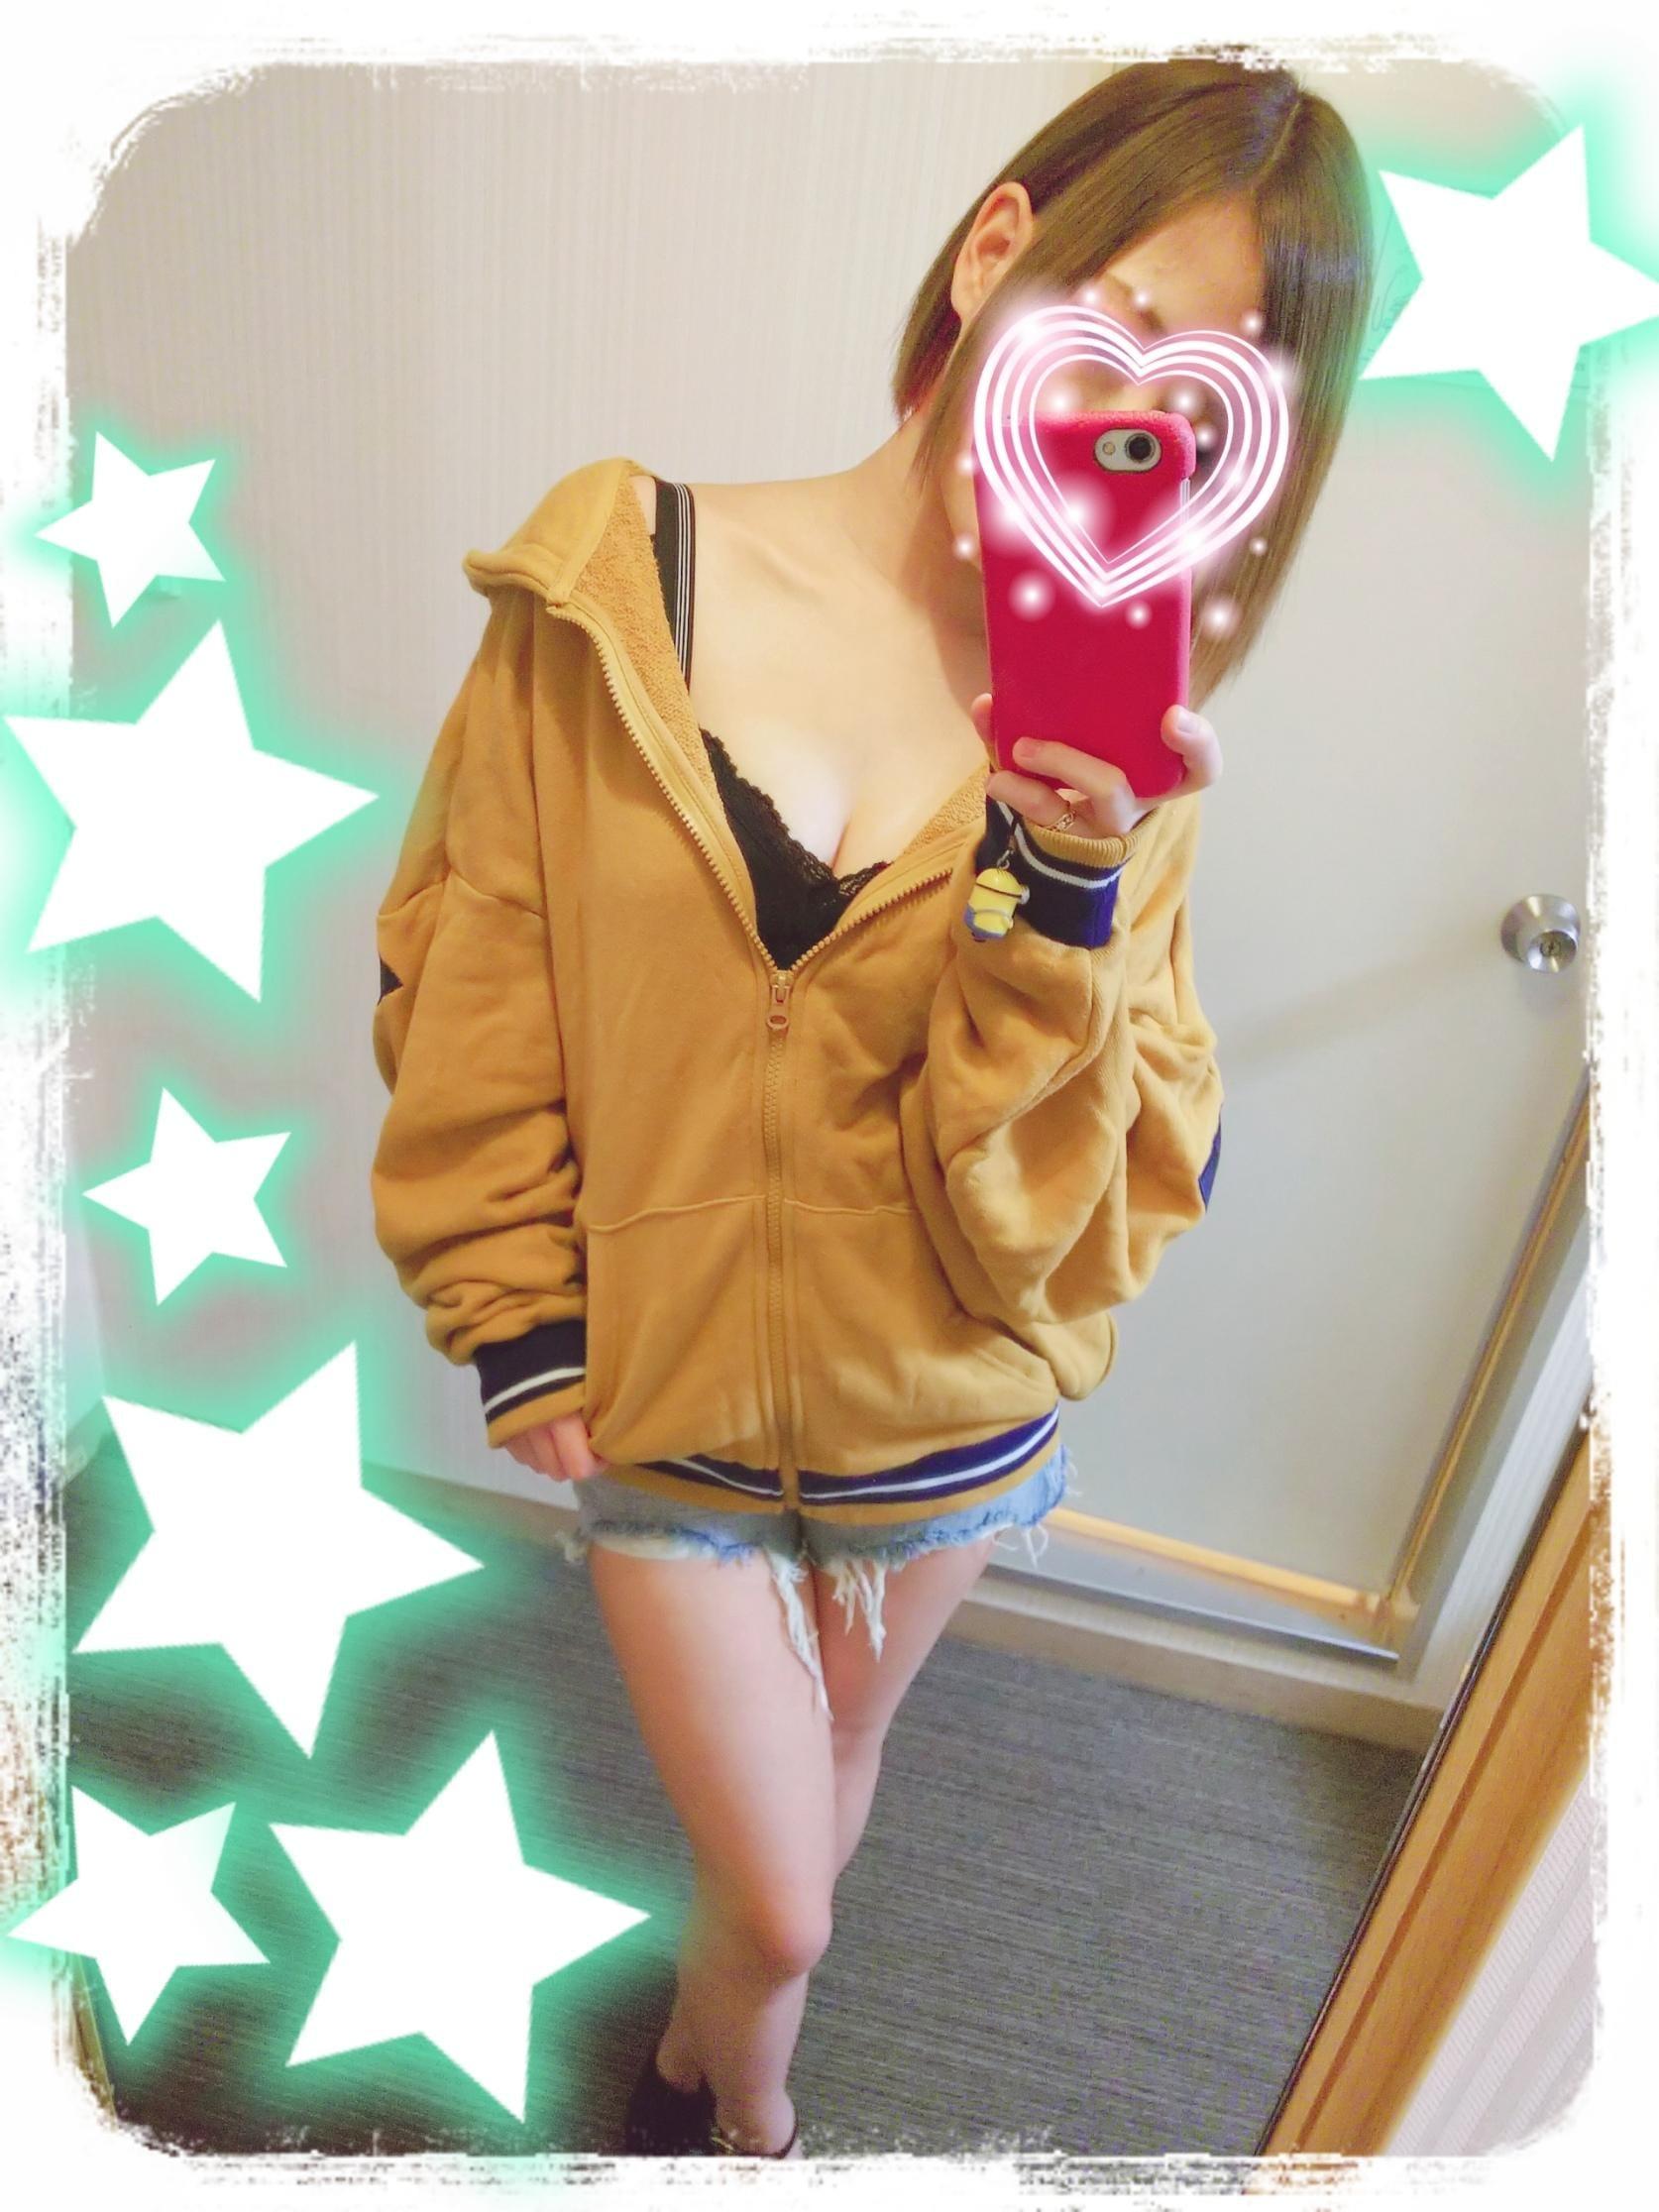 「ありがとう( * ॑꒳ ॑*)」01/21(01/21) 07:09   ユイ★の写メ・風俗動画